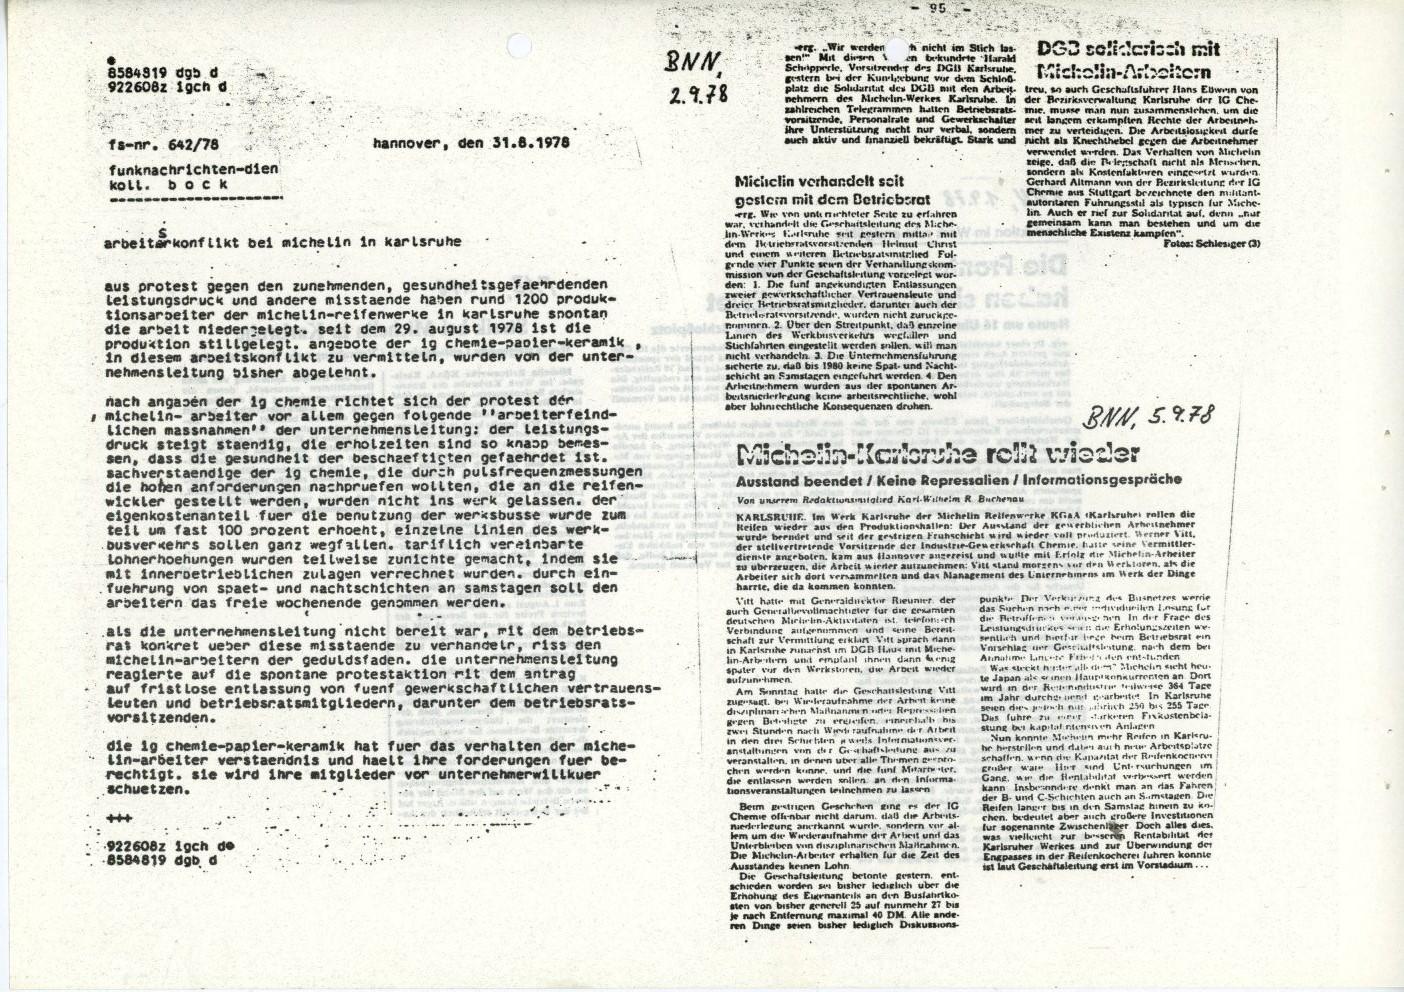 Karlsruhe_Michelin_IGCPK_Doku_zum_Arbeitskonflikt_1978_43